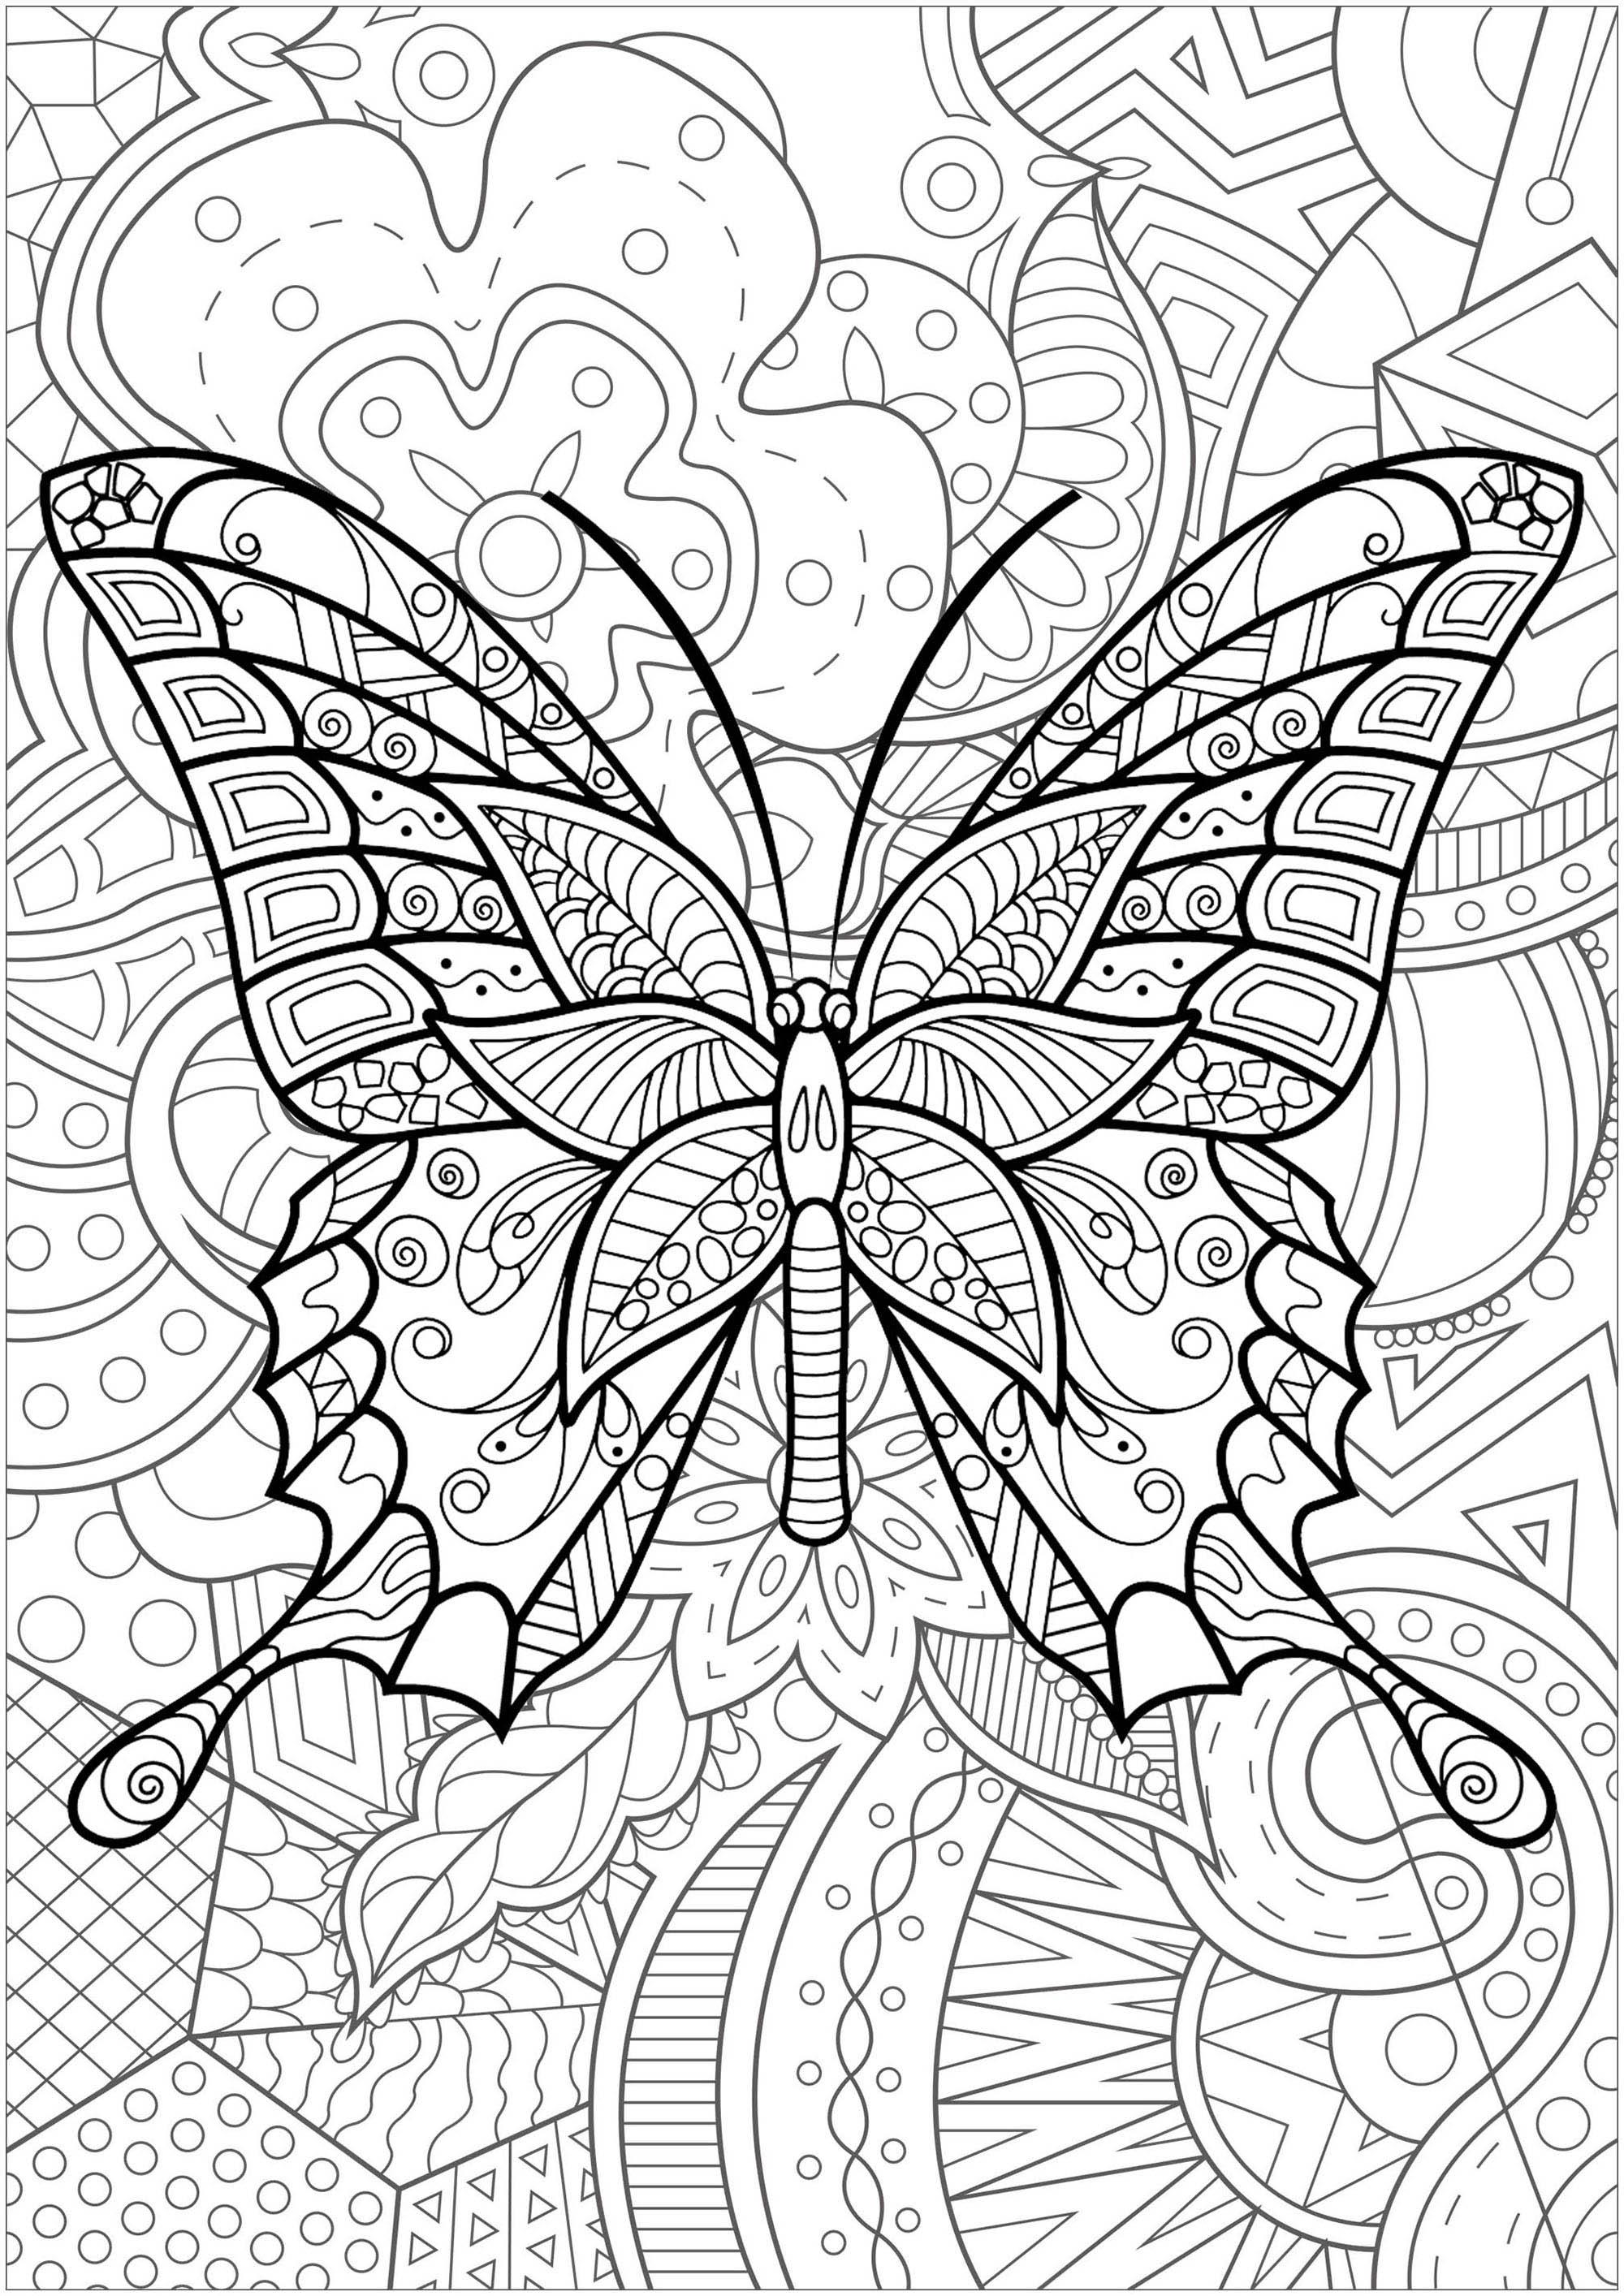 Disegni da Colorare per Adulti : Farfalle e insetti - 3